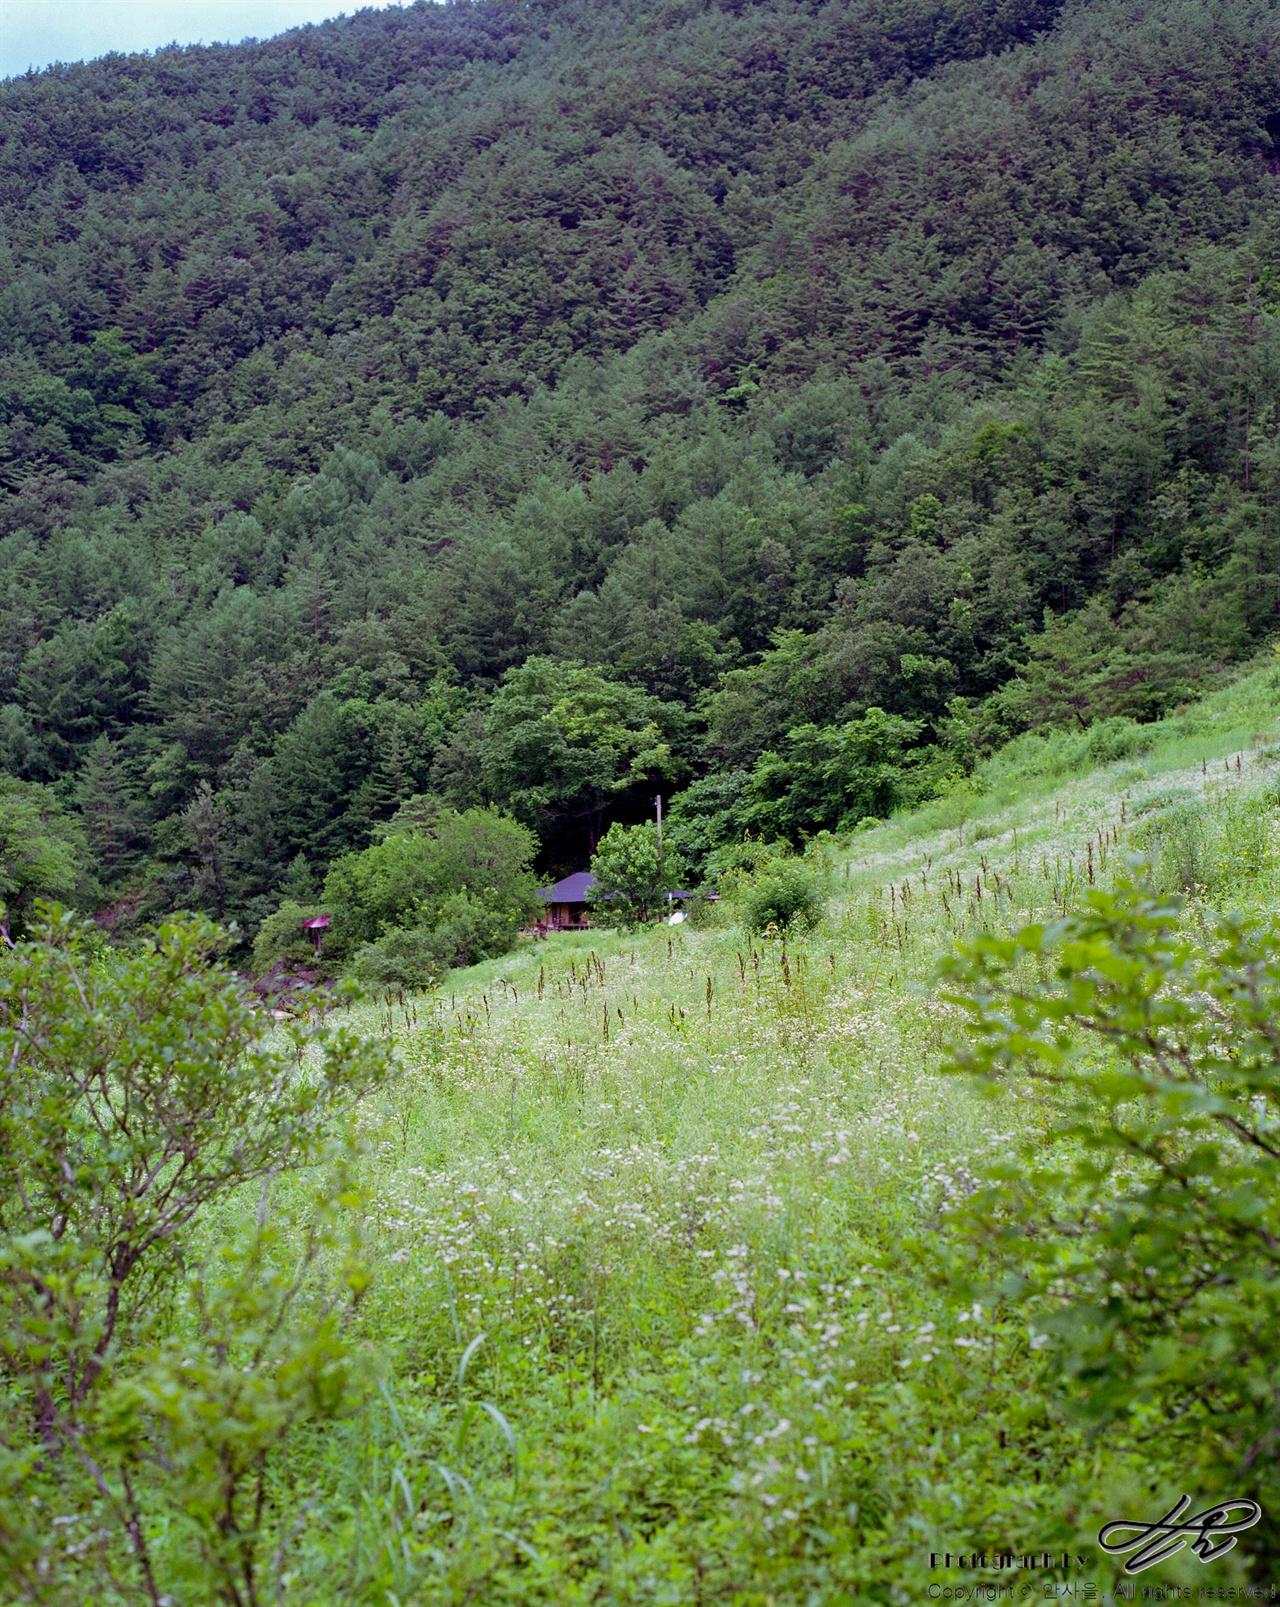 숲 속에 집 한 채 (67ii/Pro160NS)걸으며 발견한 집 한 채가 참 반가웠다.